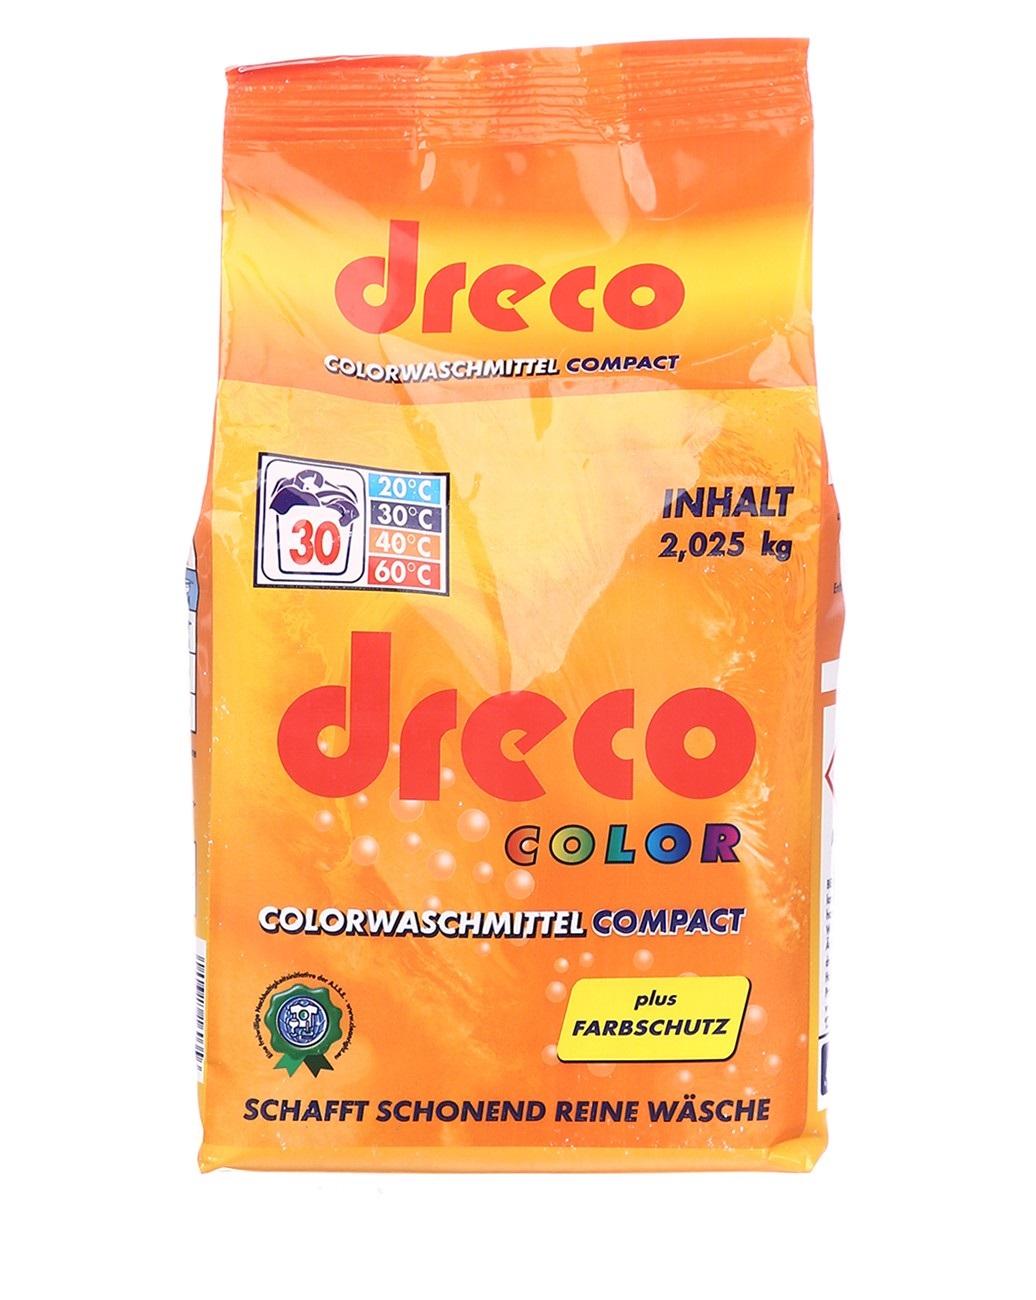 Стиральный порошок для стирки концентрированный Dreco 2,025 кг 30 стирок